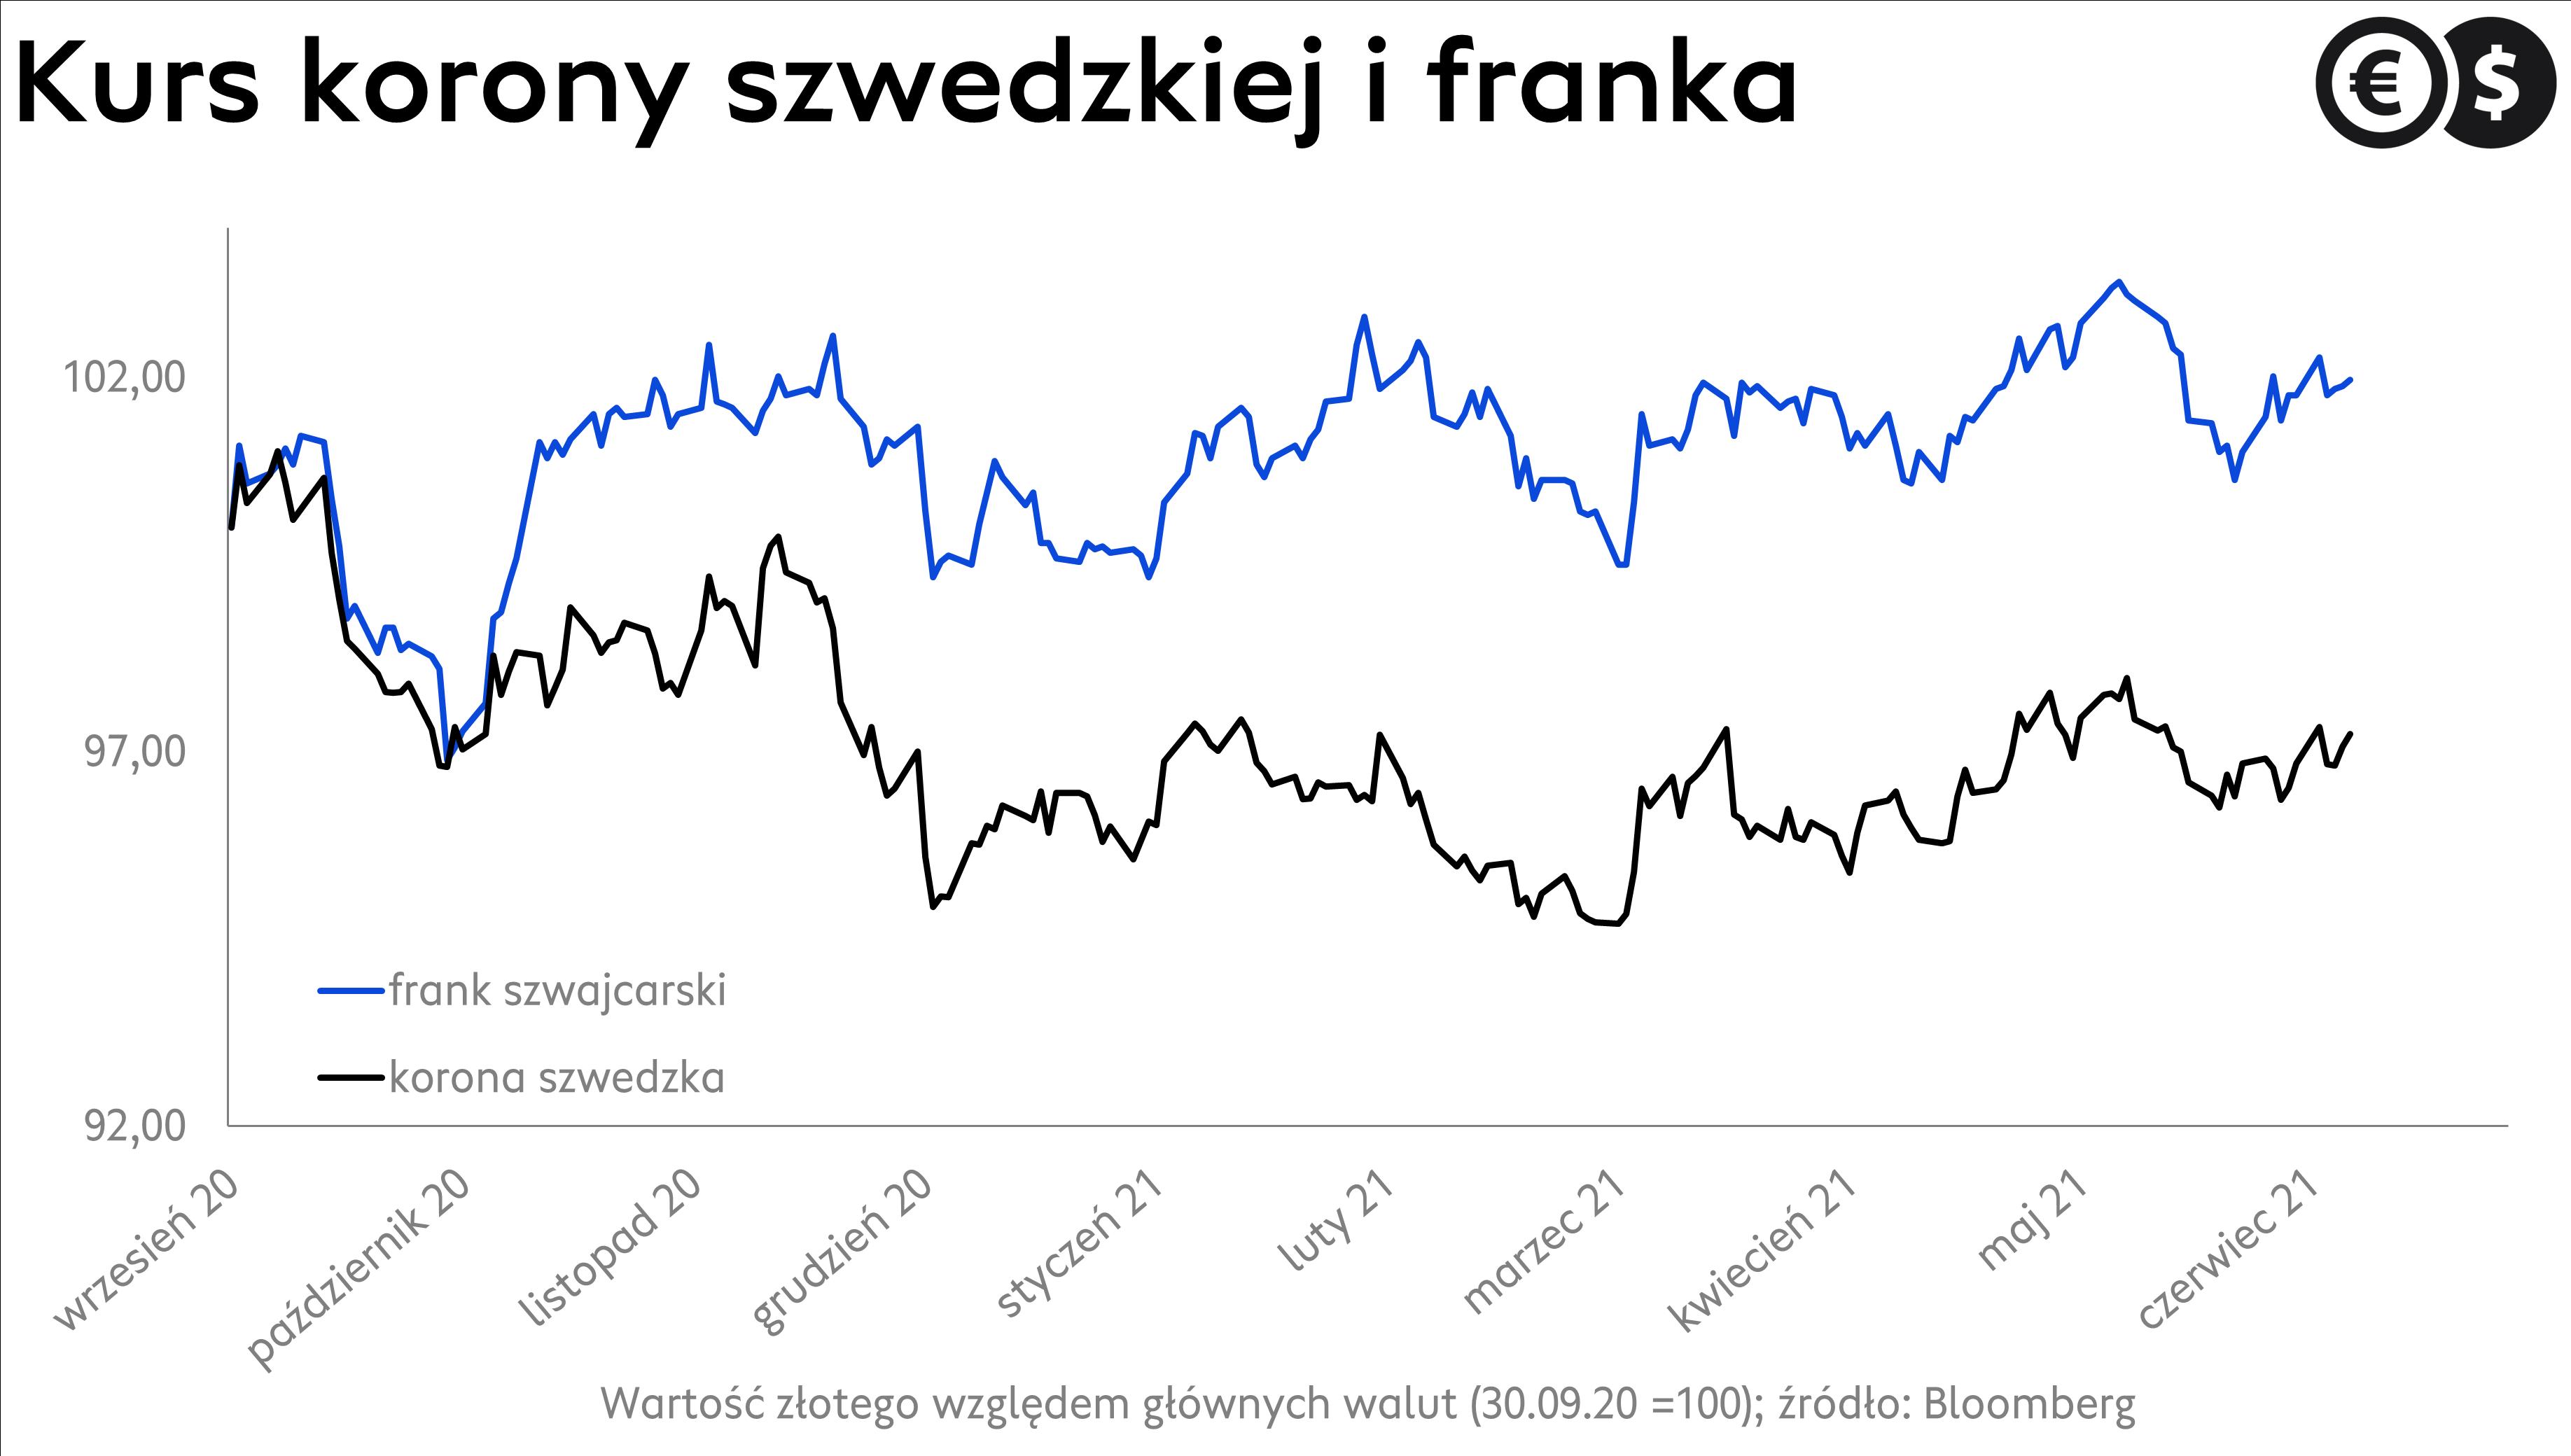 Kursy walut: kurs korony szwedzkiej i franka szwajcarskiego; źródło: Bloomberg